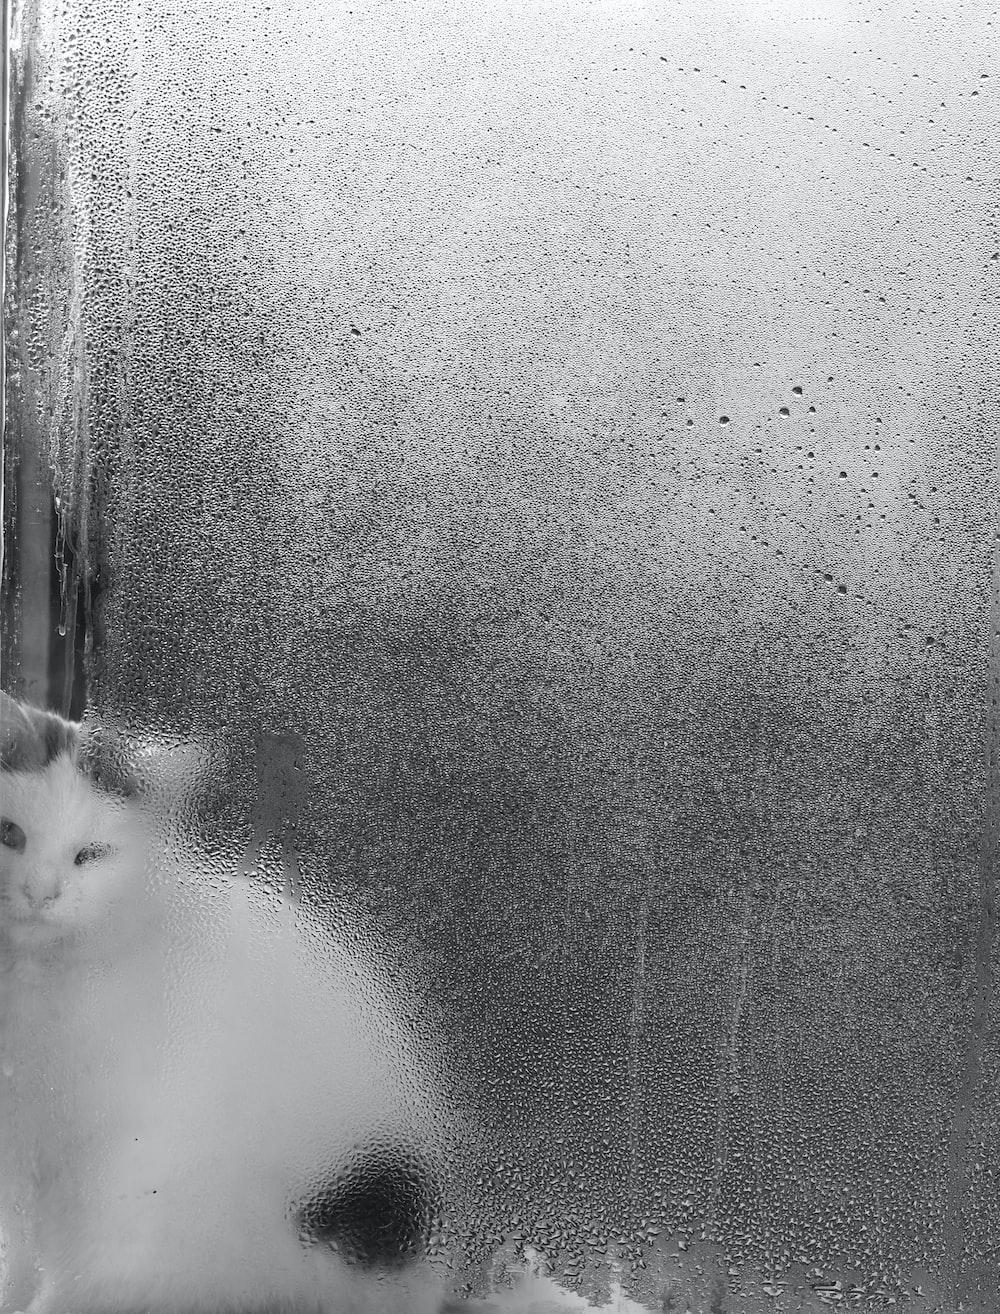 short-fur white and black kitten